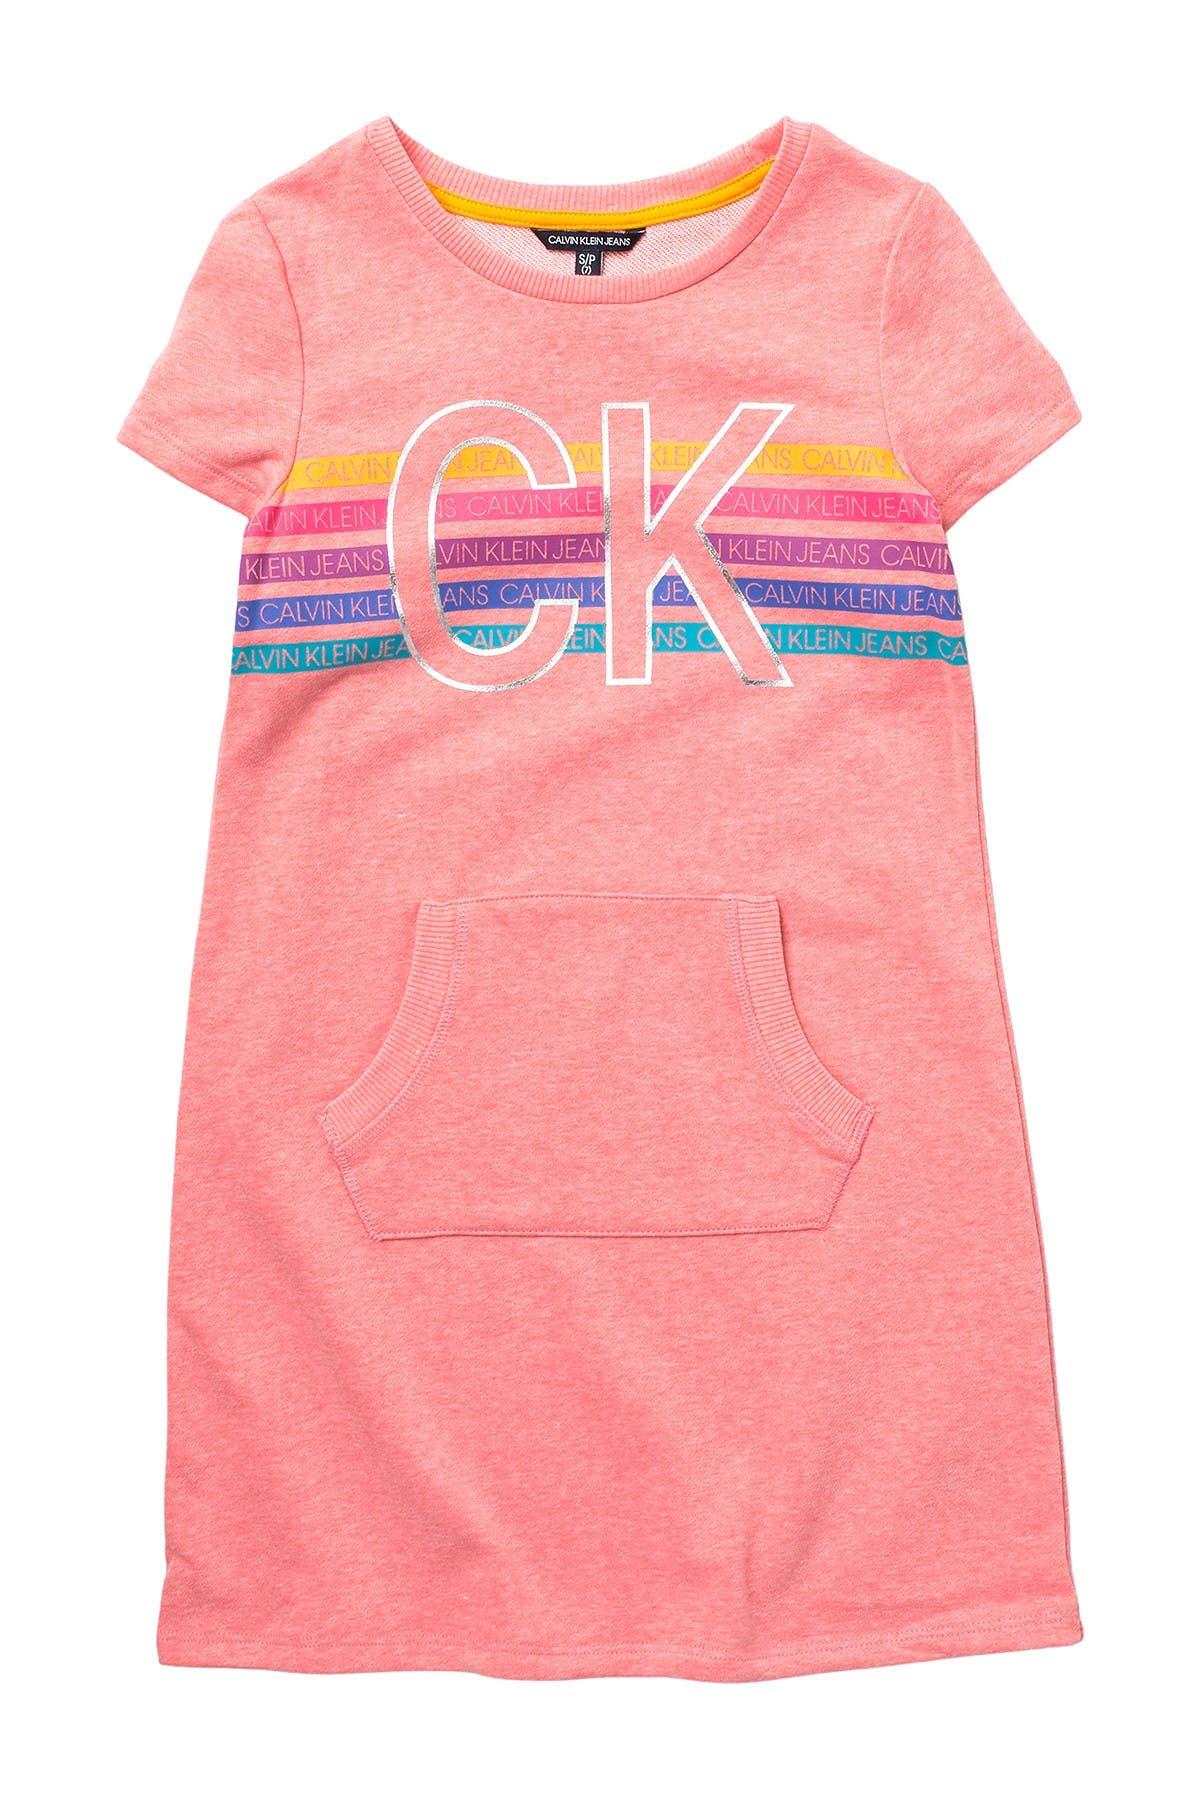 Image of Calvin Klein Pocket Front Knit Dress